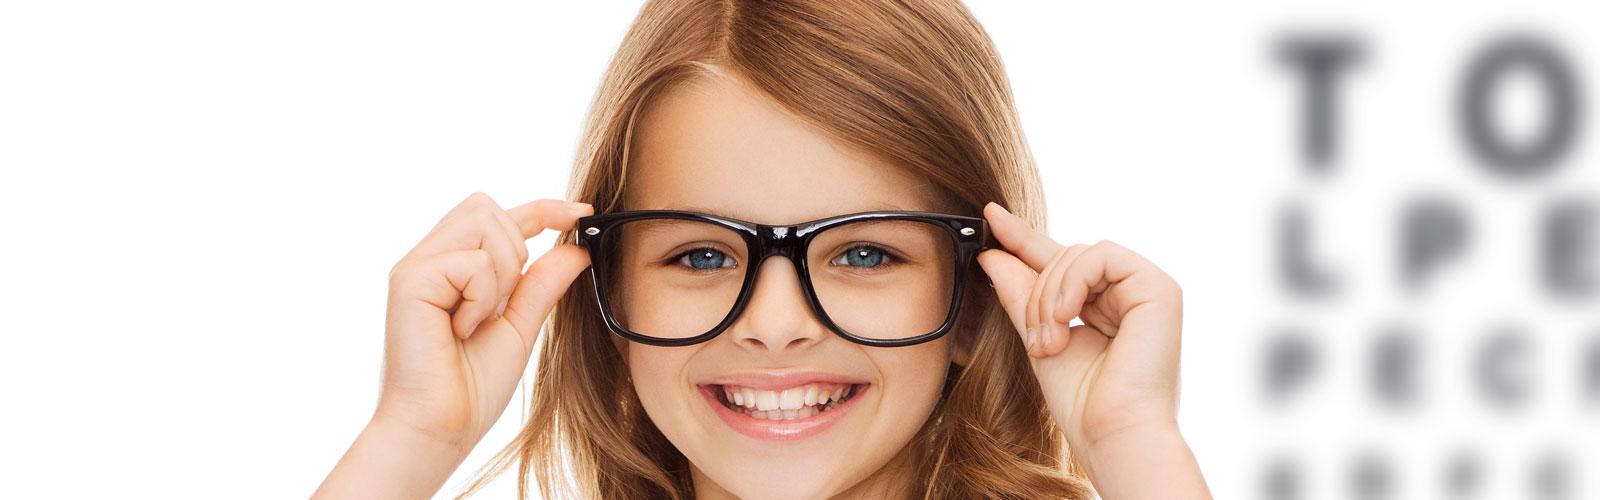 Παιδική όραση